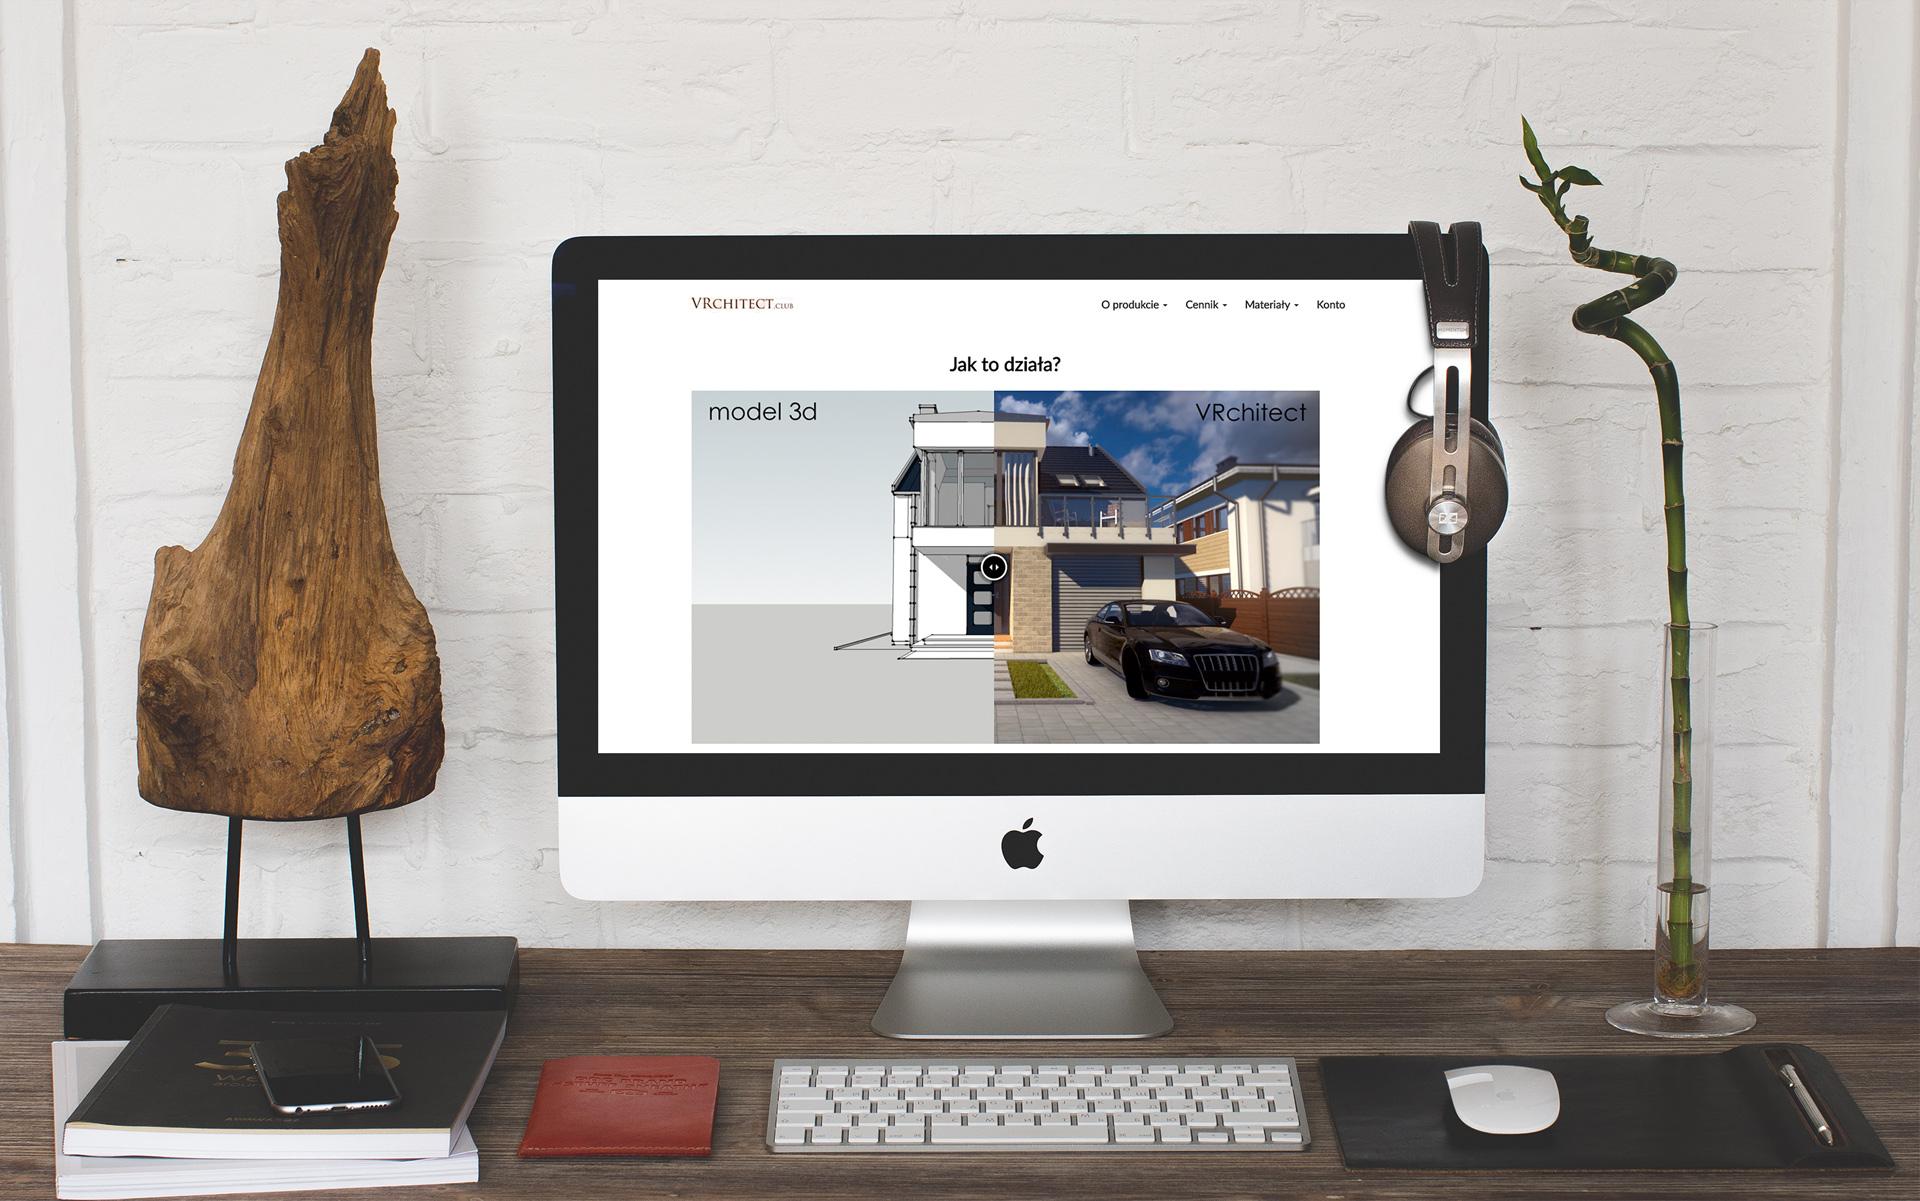 Strona www projektu vRchitect.club